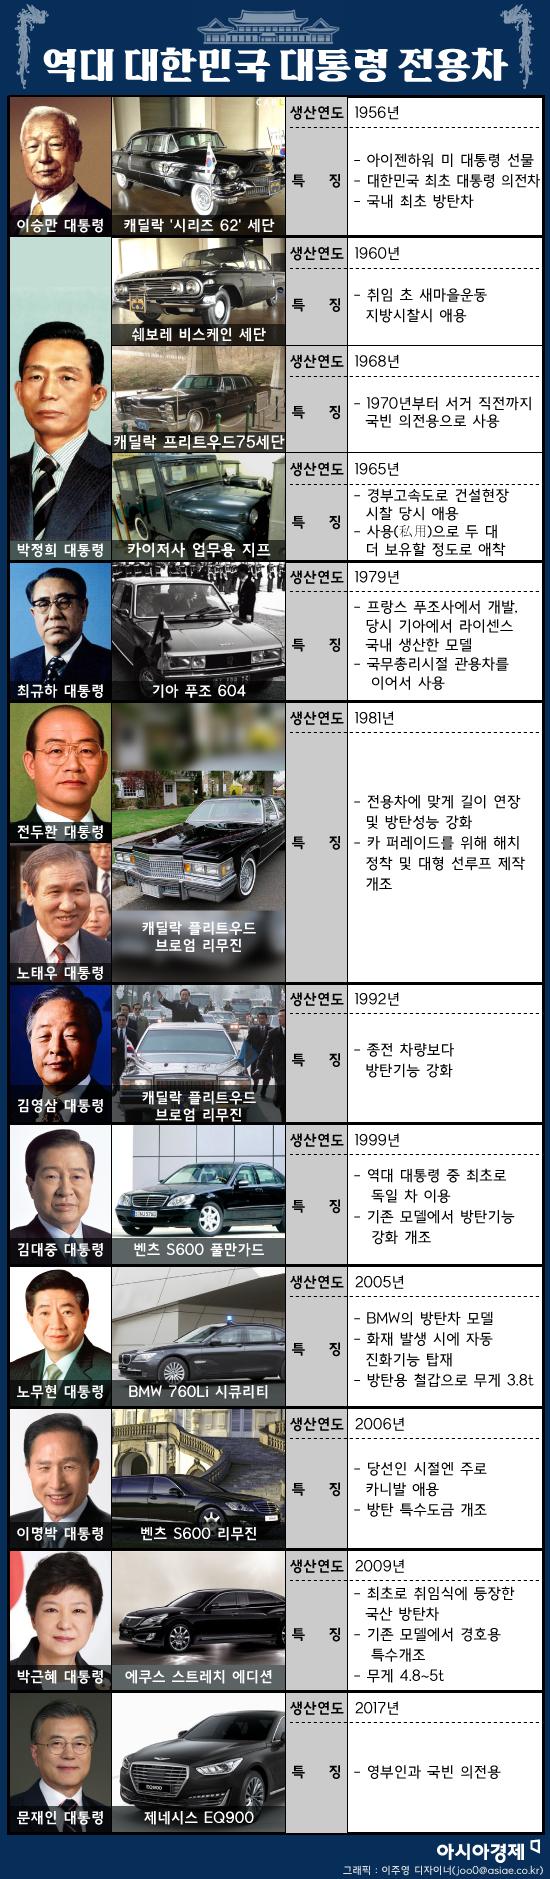 역대 대한민국 대통령 전용차. 그래픽 = 이주영 디자이너